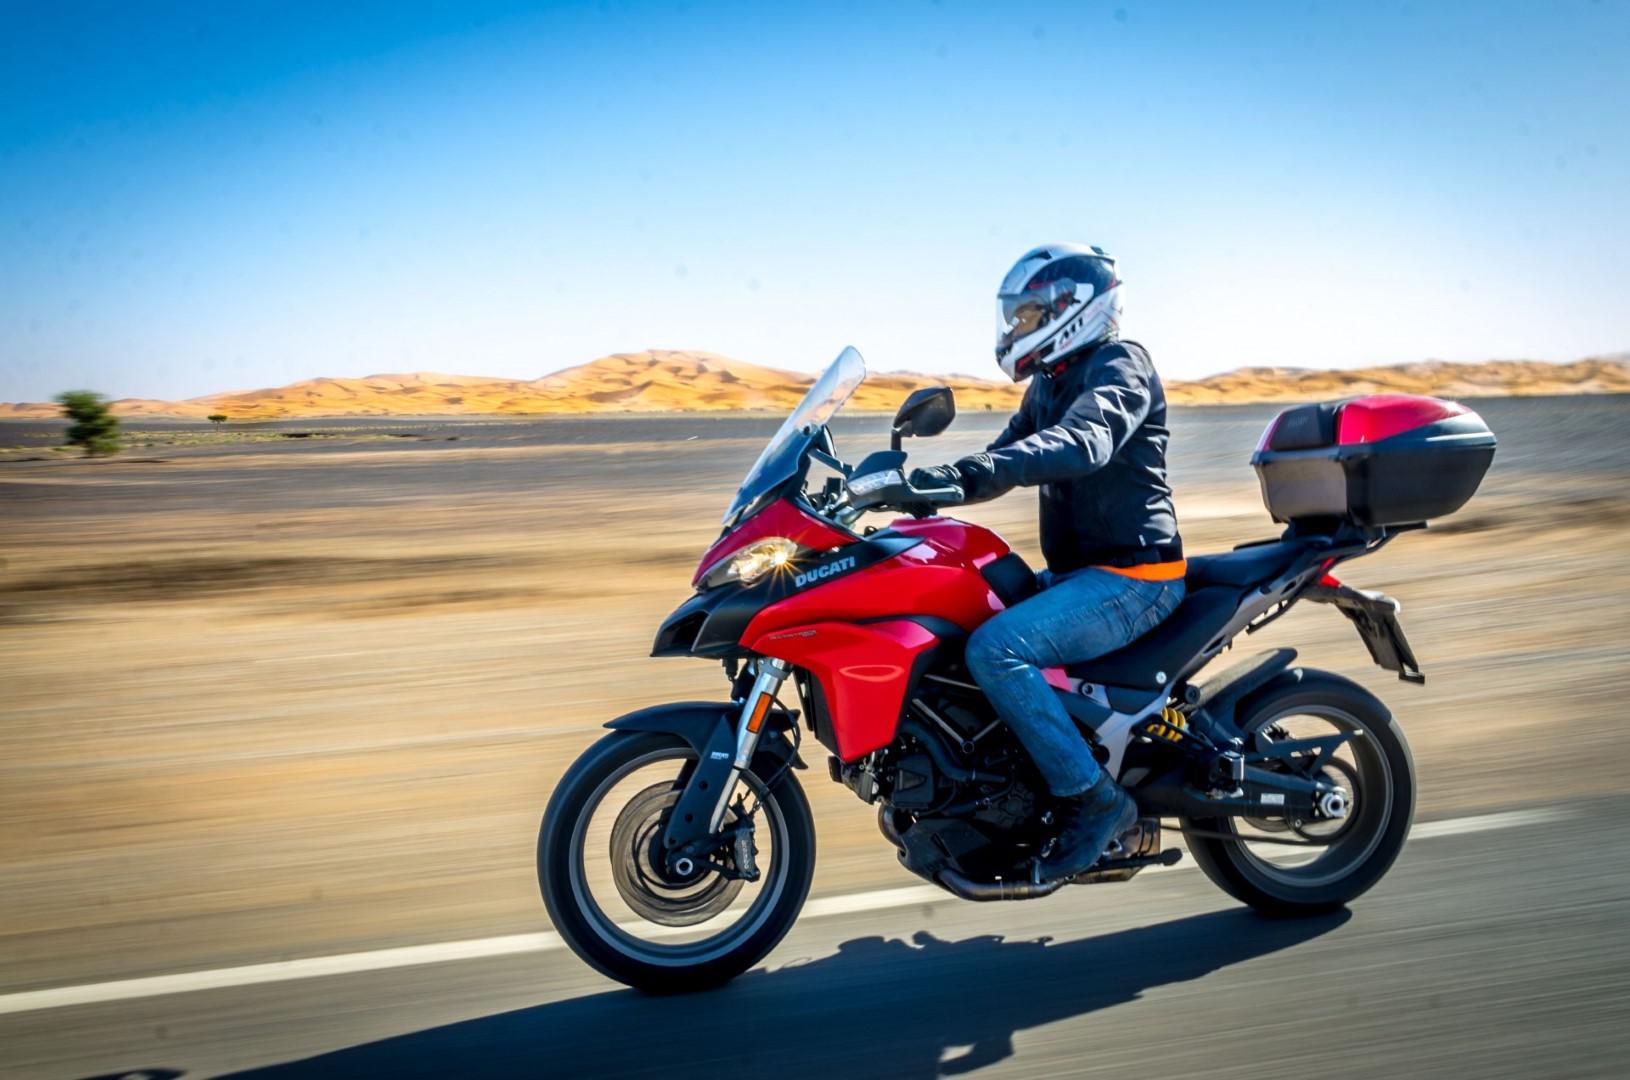 Essai Ducati Multistarda 950